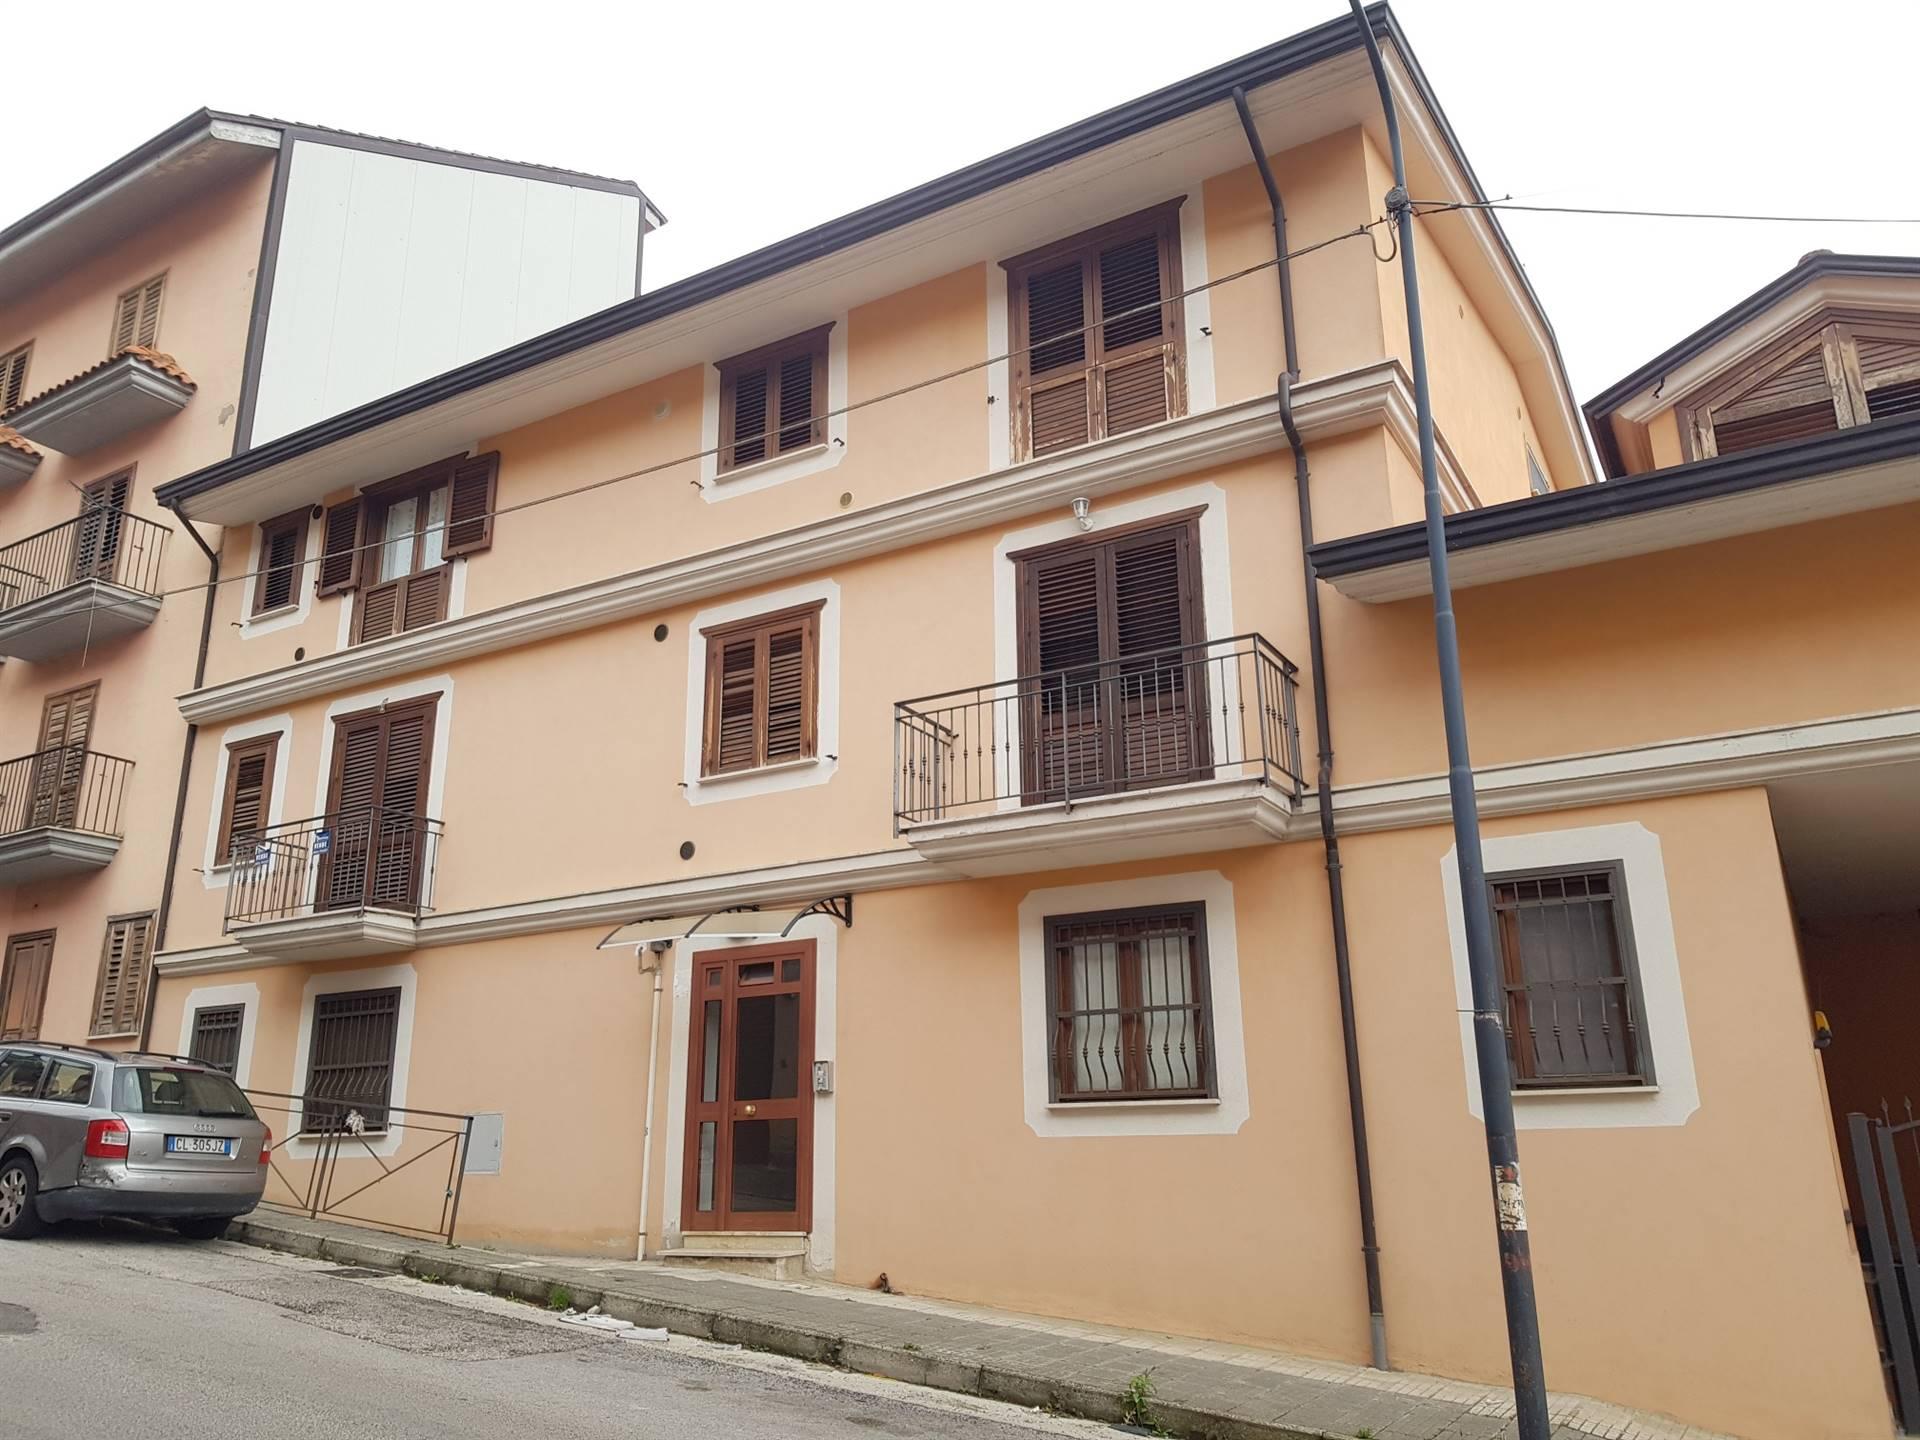 Appartamento in vendita a Monteforte Irpino, 3 locali, prezzo € 70.000   CambioCasa.it